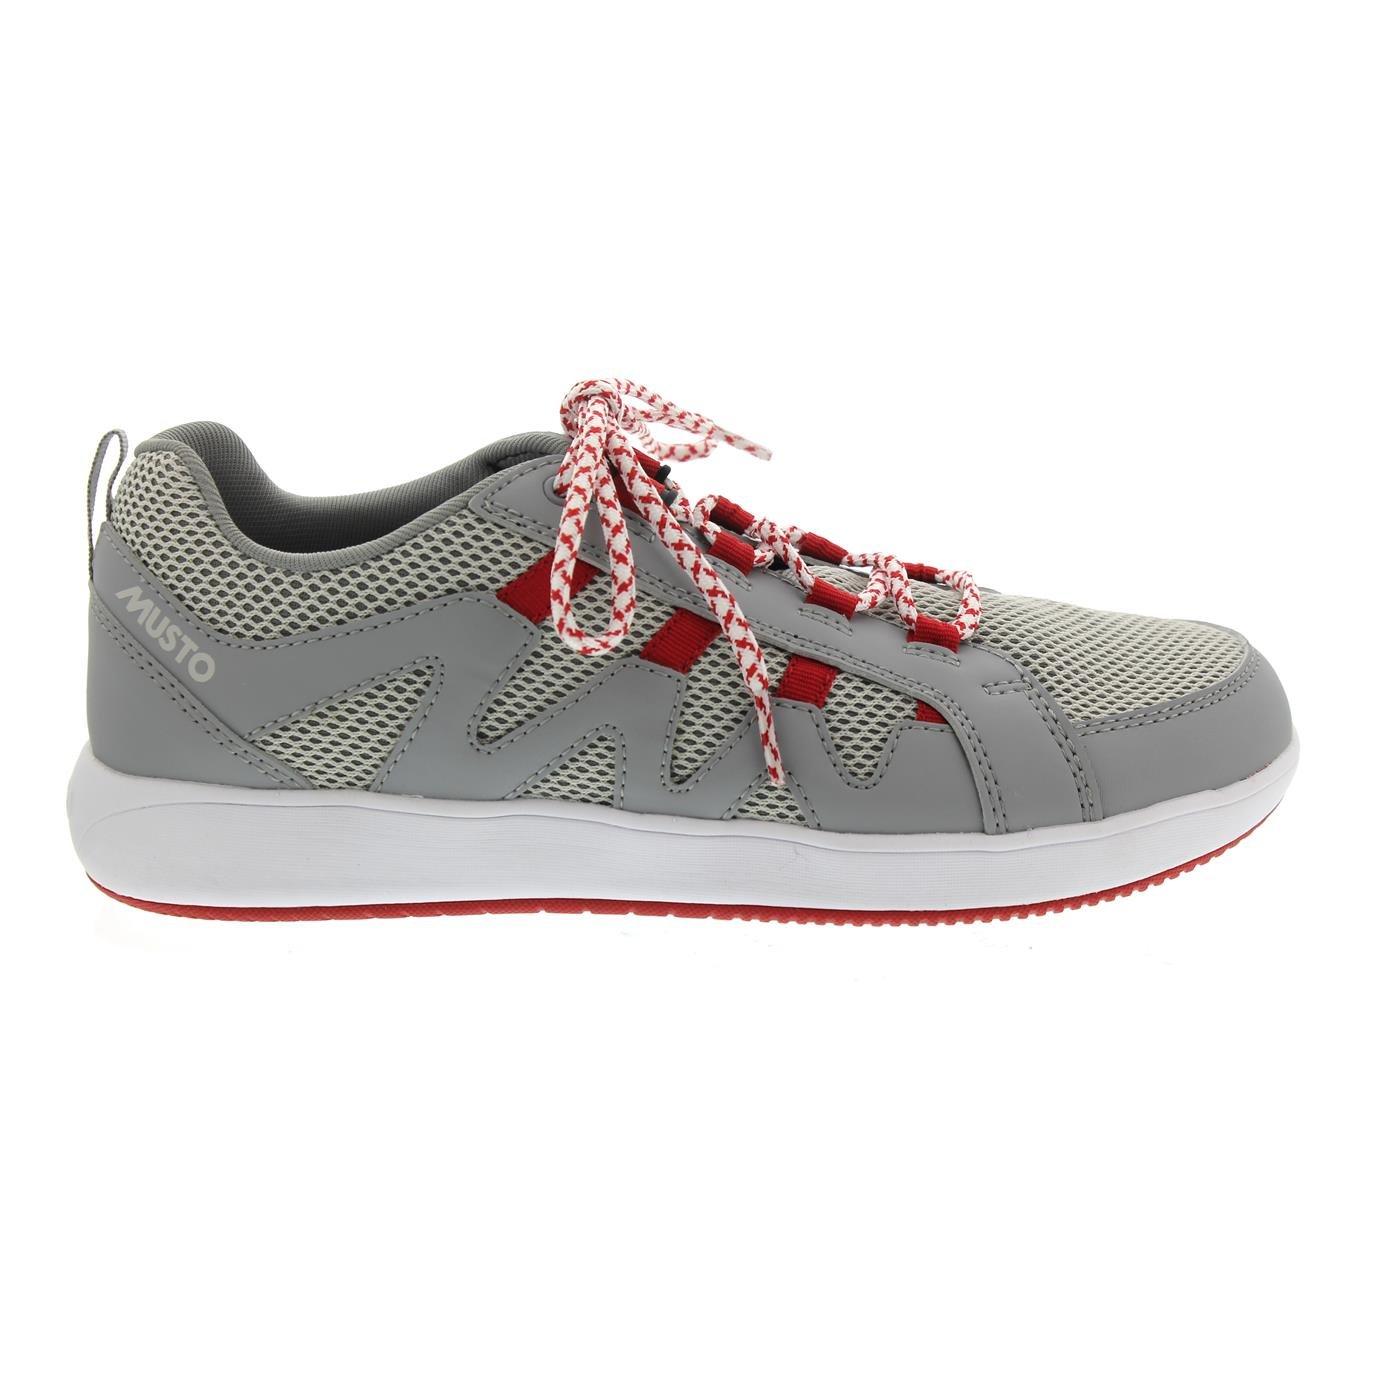 【爆売り!】 Musto Nautic速度Sailing Uk Shoes – プラチナ – Musto B07B8TMG6C Uk Size 11, Dream Link:71e1b9c3 --- arianechie.dominiotemporario.com